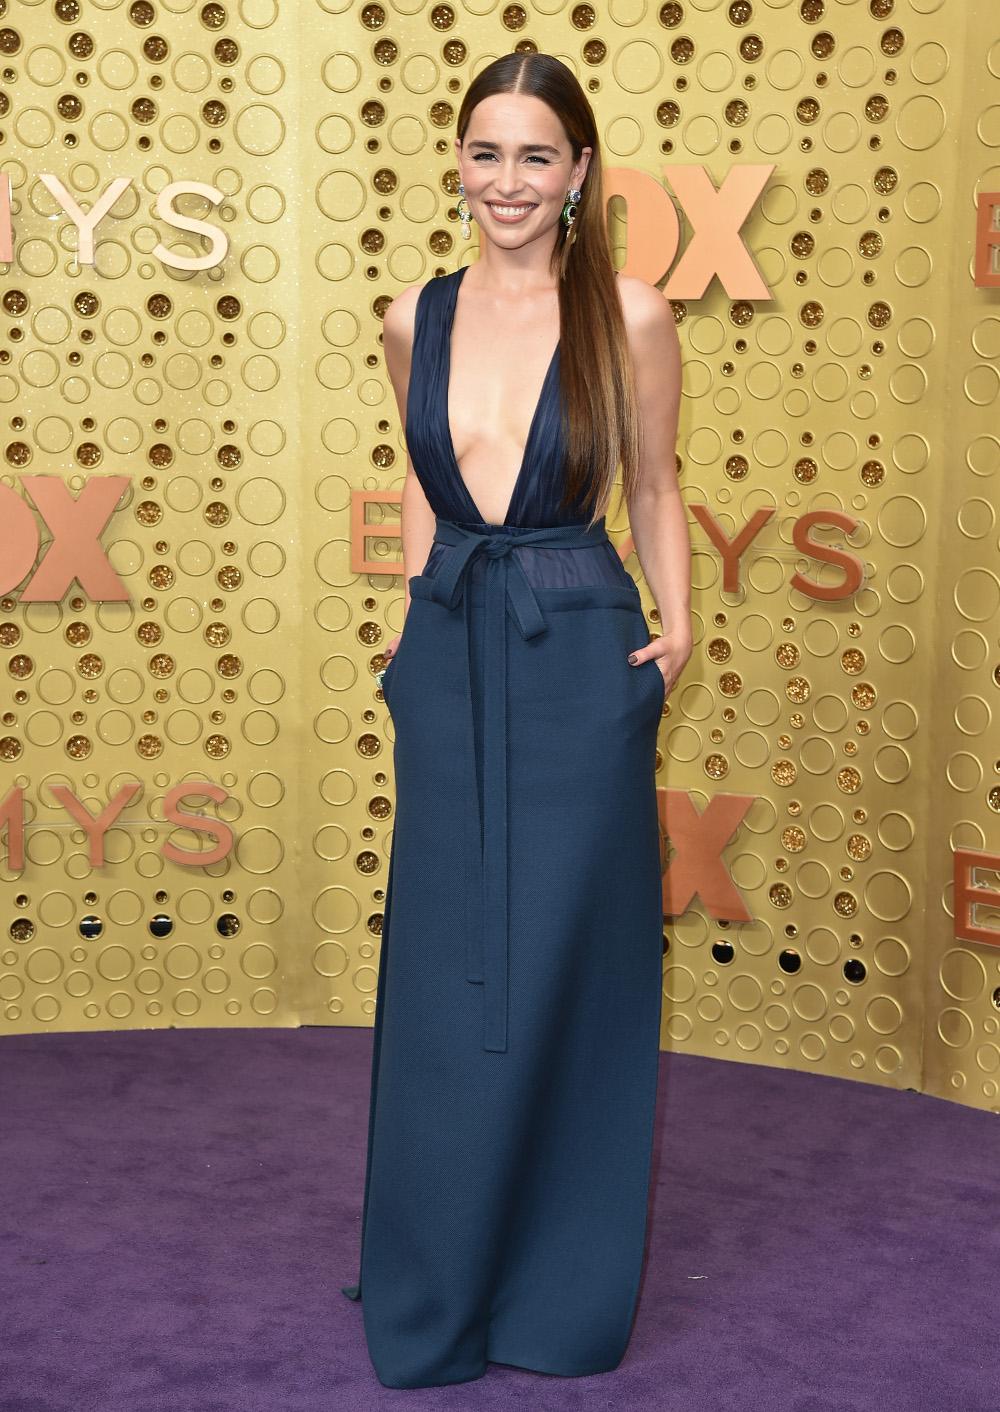 Η Εμίλια Κλαρκ με μπλε σκούρο φόρεμα που μόλις και μετά βίας κάλυπτε το στήθος της